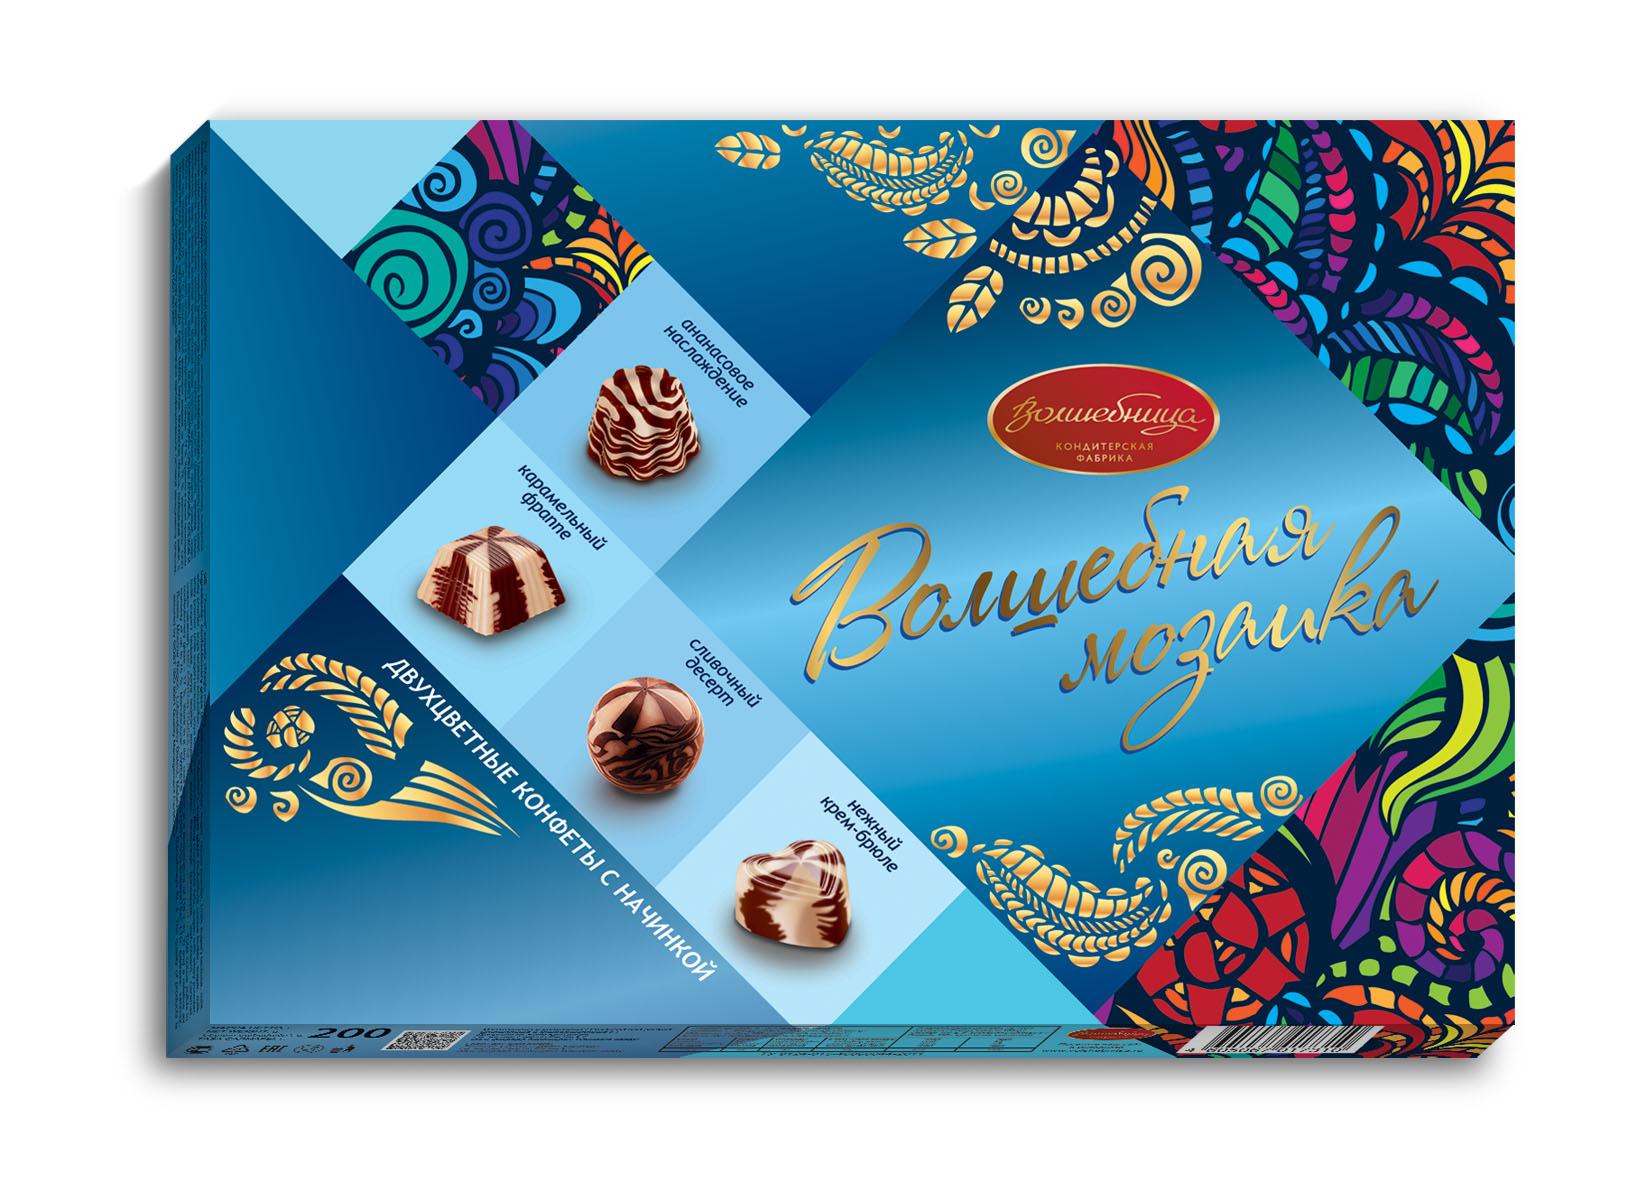 Волшебница Волшебная мозаика конфеты двухслойные с начинками, 200 г шоколадные годы конфеты ассорти 190 г